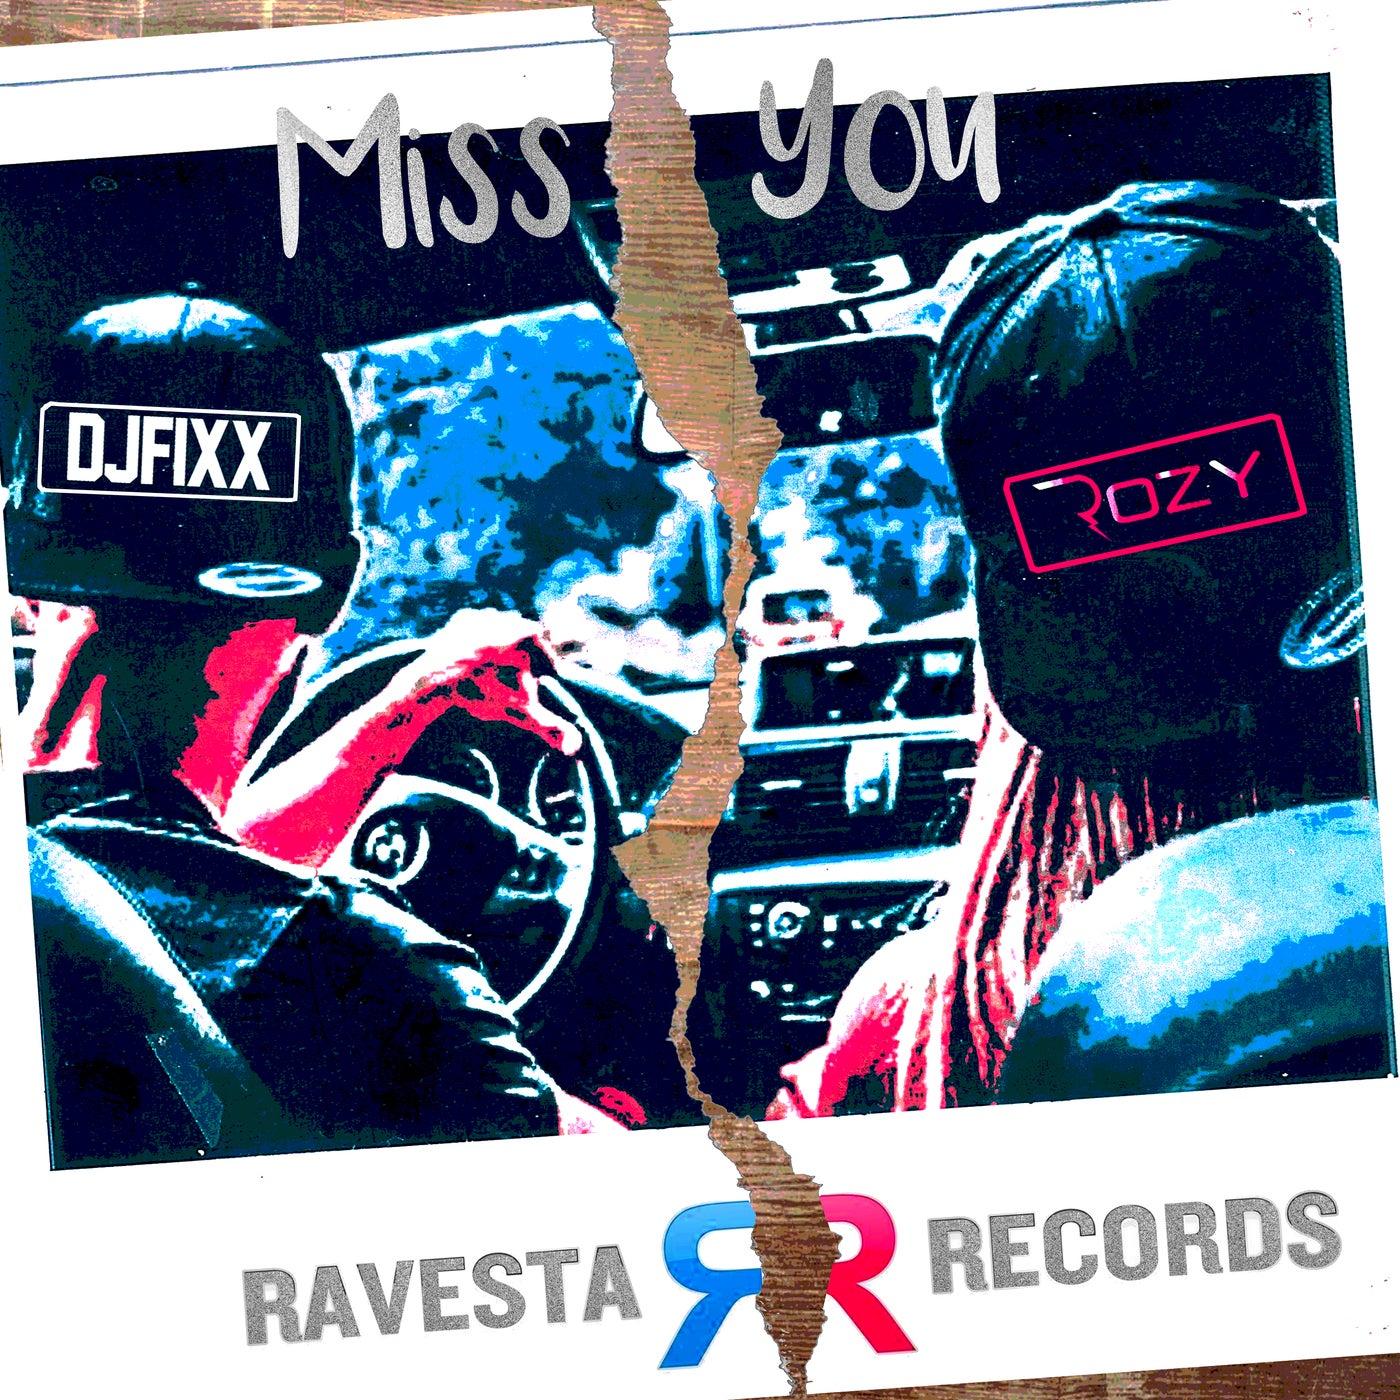 Miss You (Original Mix)